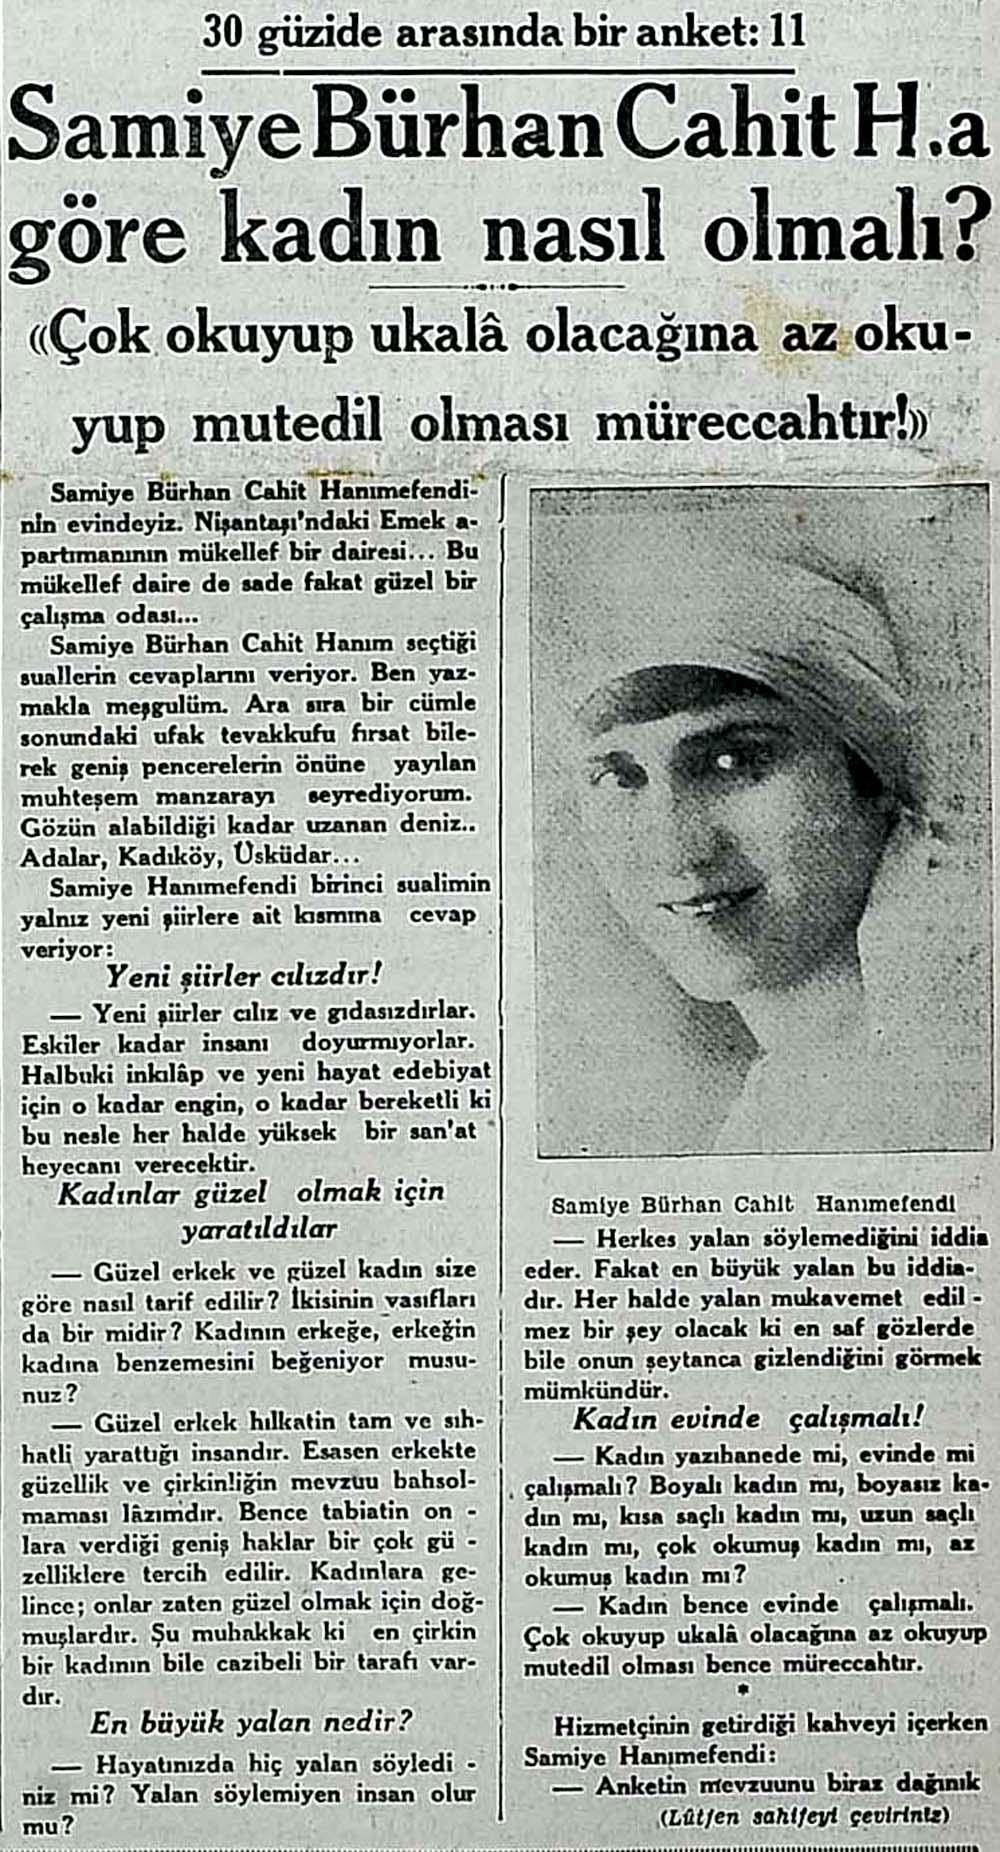 Samiye Bürhan Cahit H.a göre kadın nasıl olmalı?